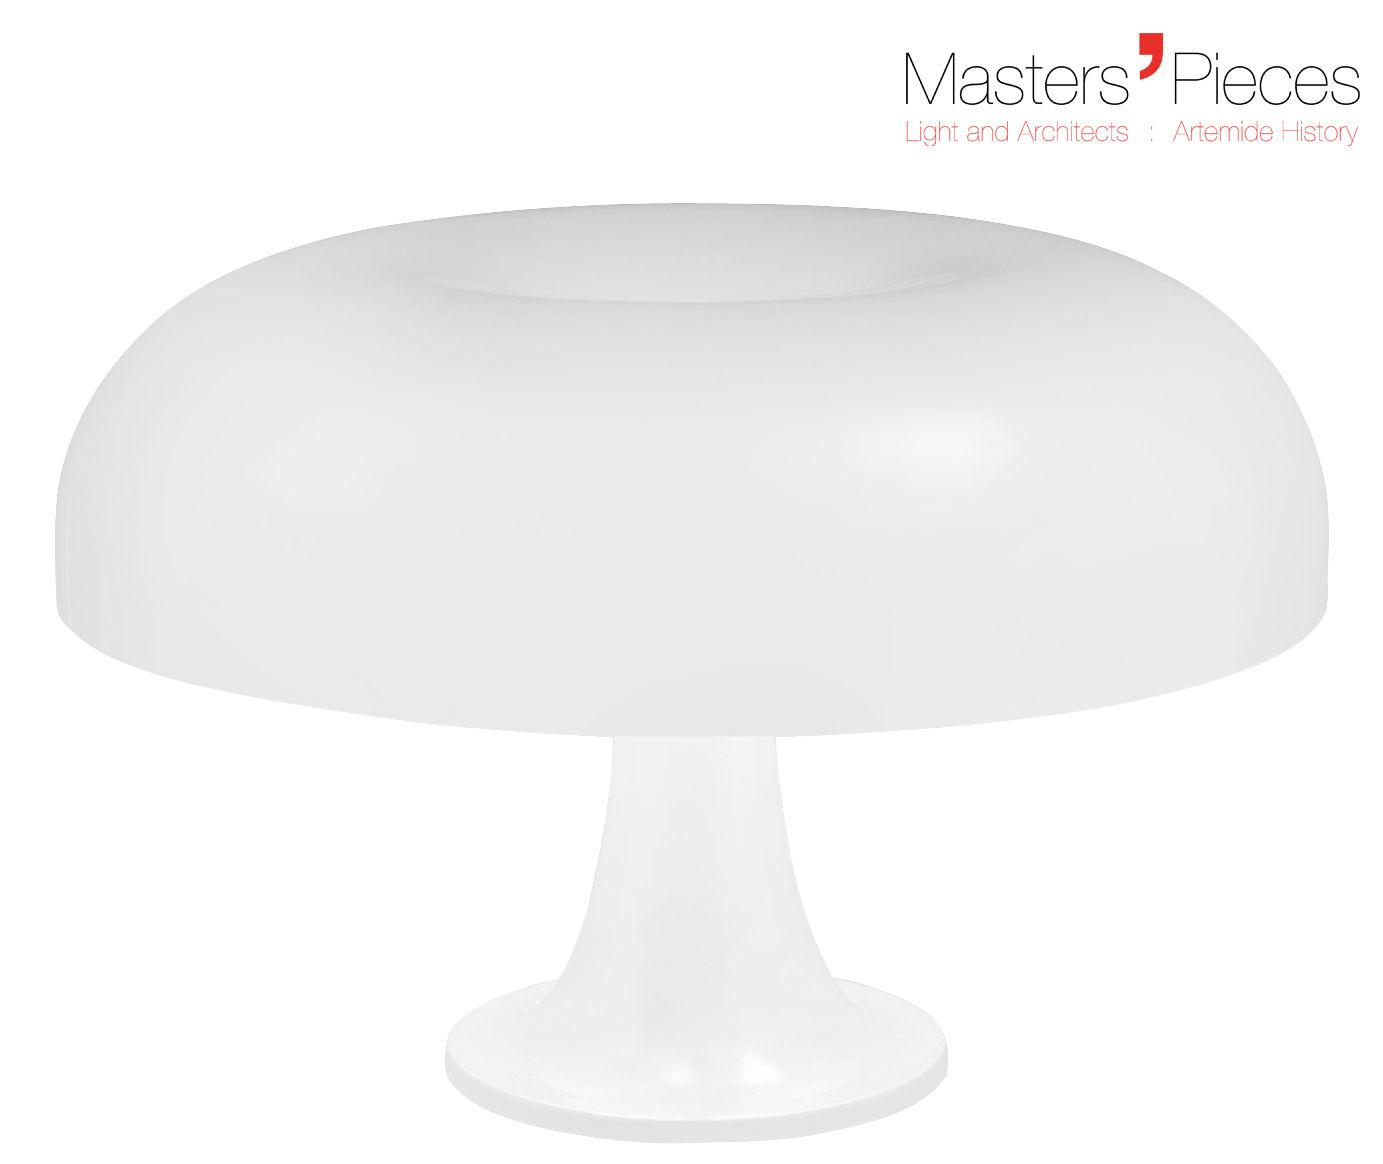 Leuchten - Tischleuchten - Masters' Pieces - Nesso Tischleuchte / 1967 - Ø 54 cm - Artemide - Weiß - ABS